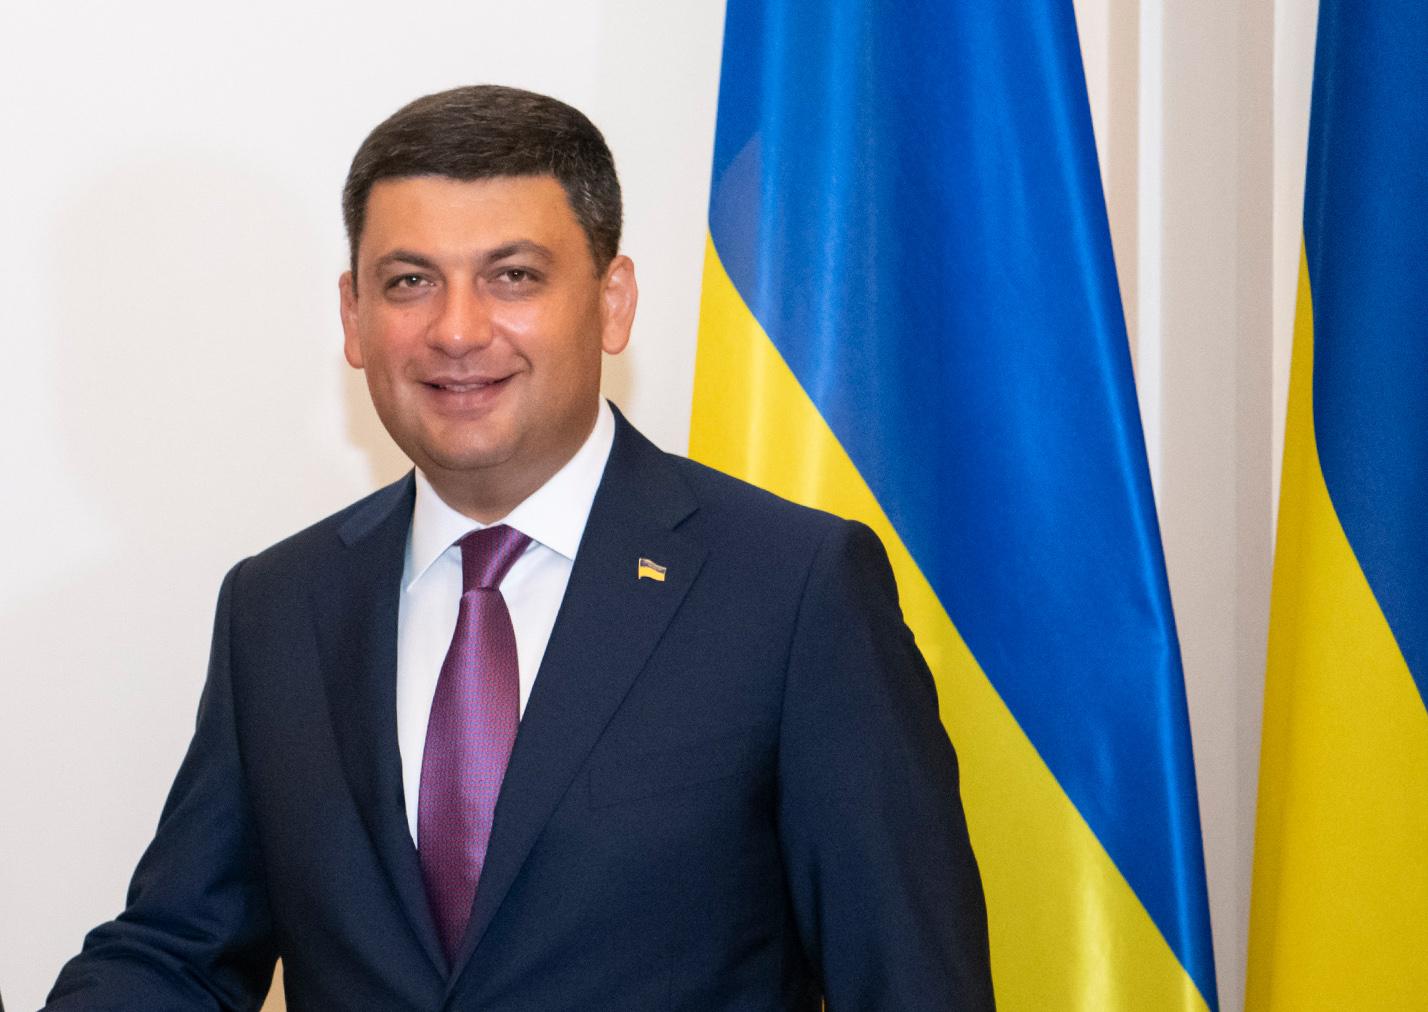 Привітання Прем'єр-міністра України Володимира Гройсмана з Різдвом Христовим